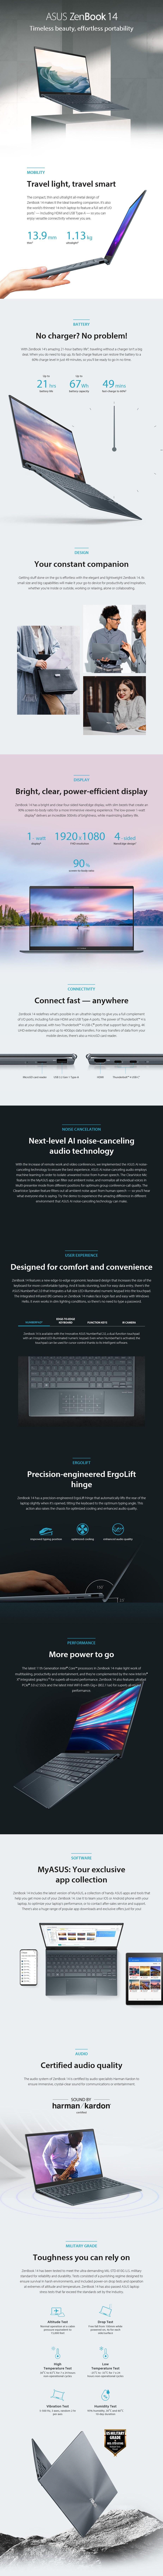 """ASUS ZenBook 14 UX425EA 14"""" Laptop i7-1165G7 16GB 512GB W10P - Mist - Overview 1"""